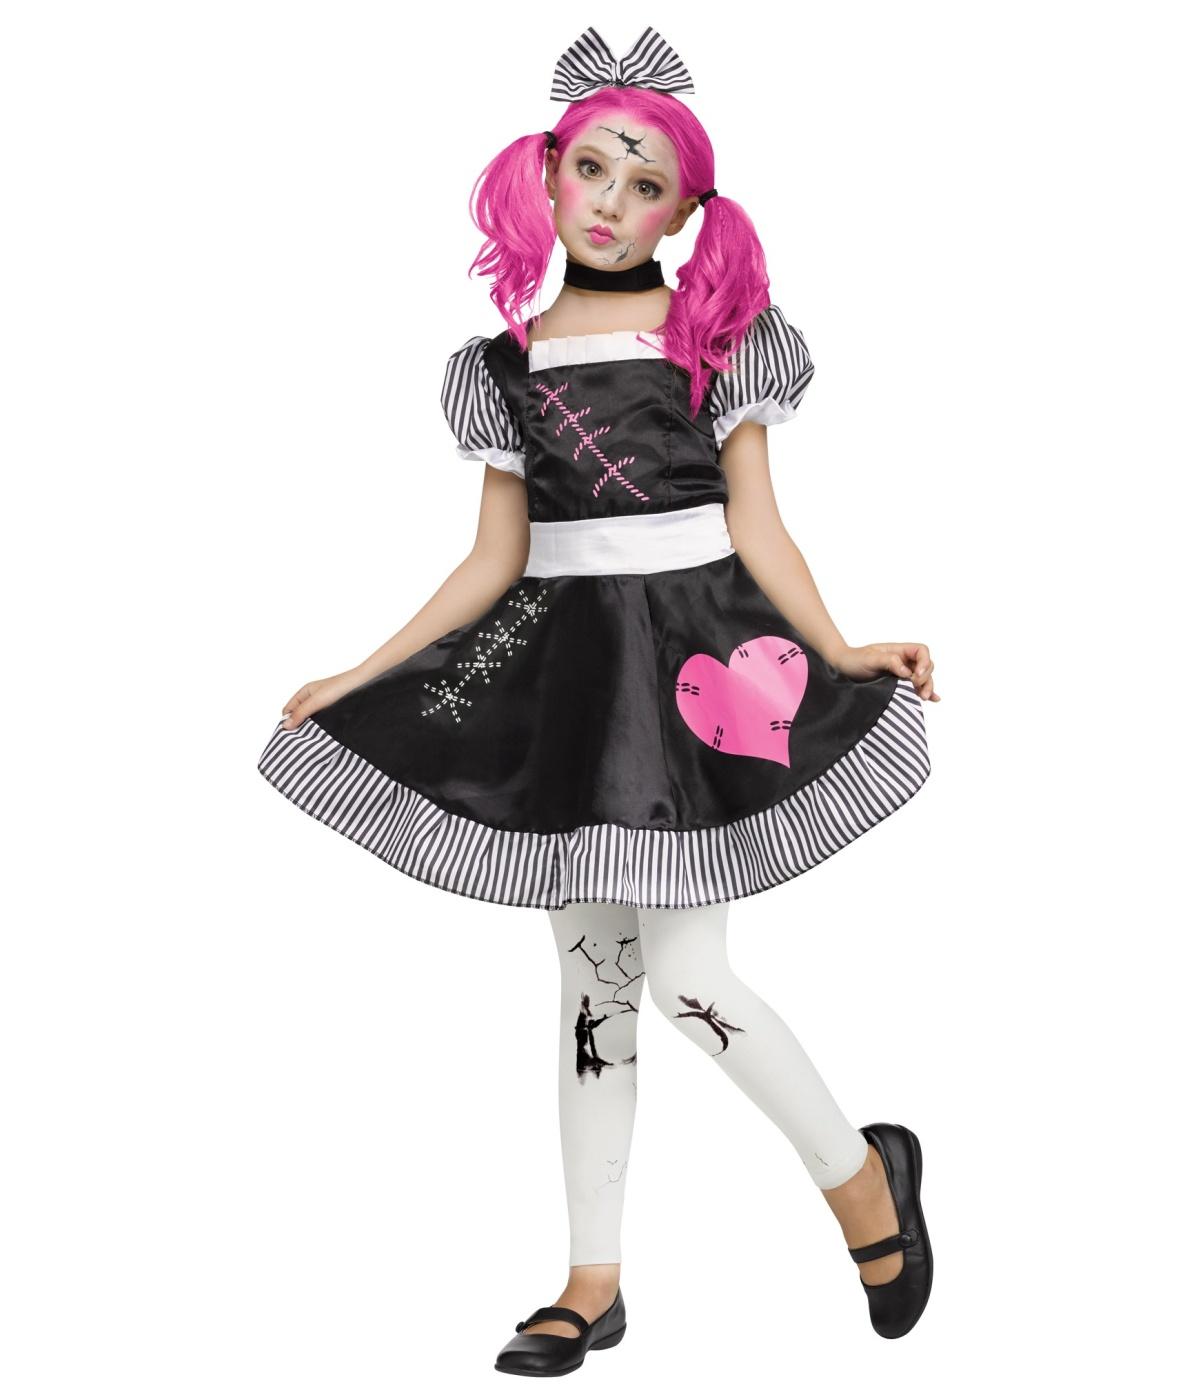 Cheerleader Halloween Costumes For Tweens